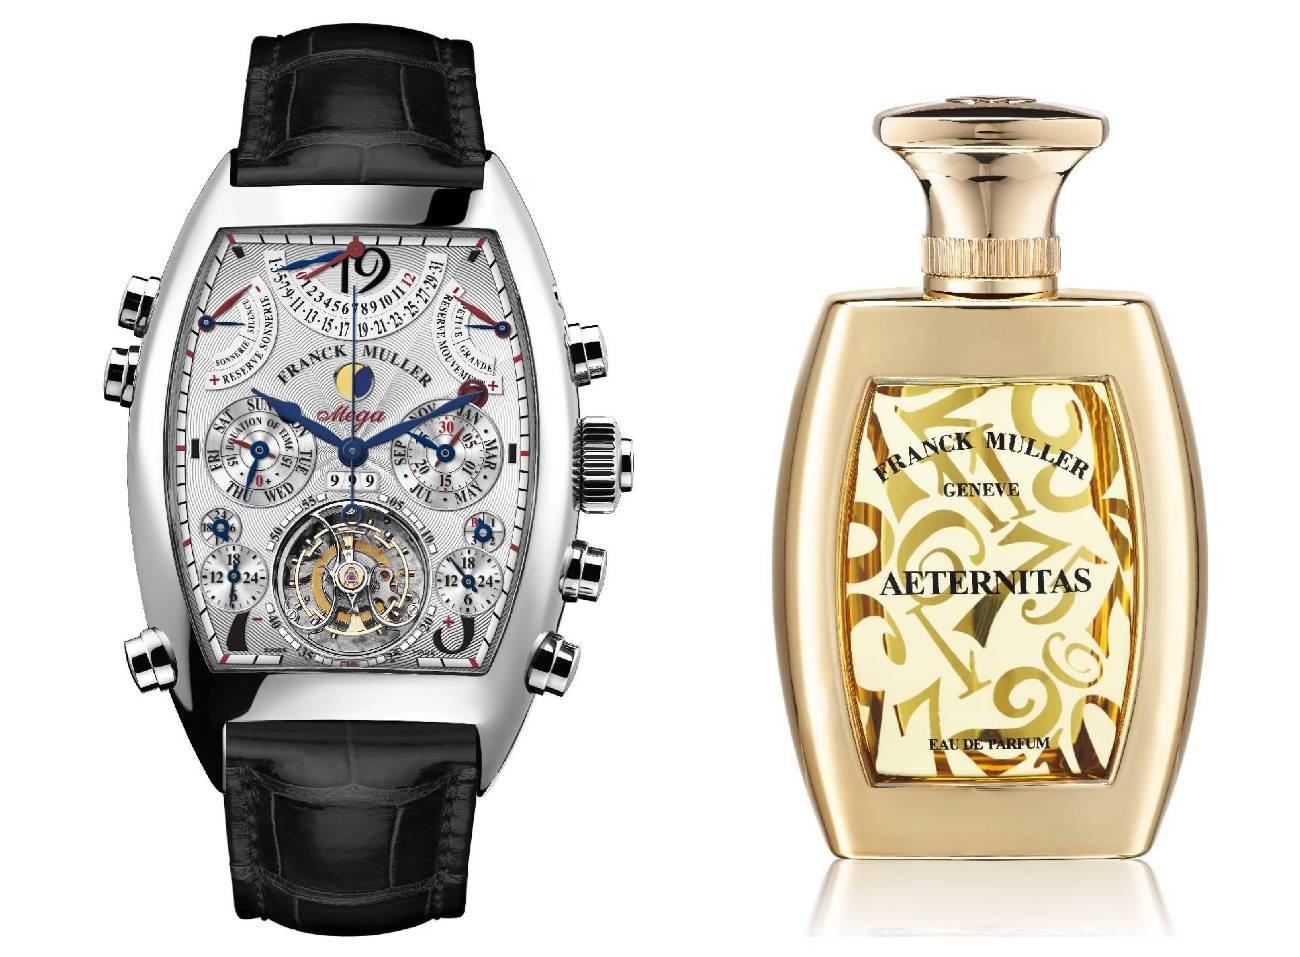 Franck Muller Perfume Collection ароматное время авторские очерки